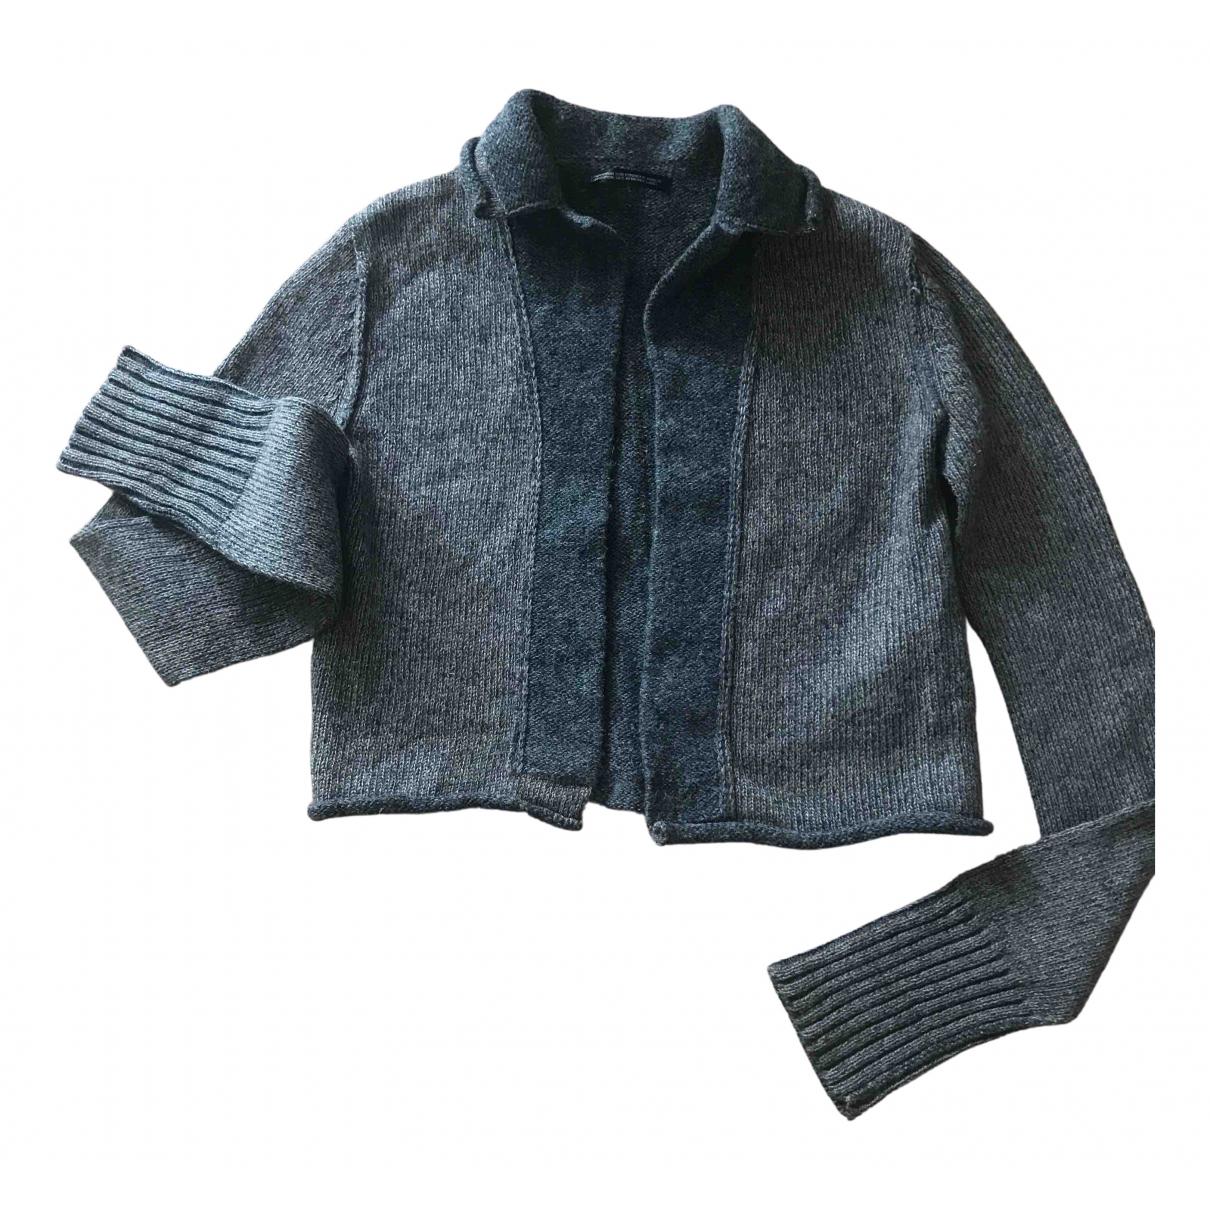 Ys - Pull   pour femme en laine - marron